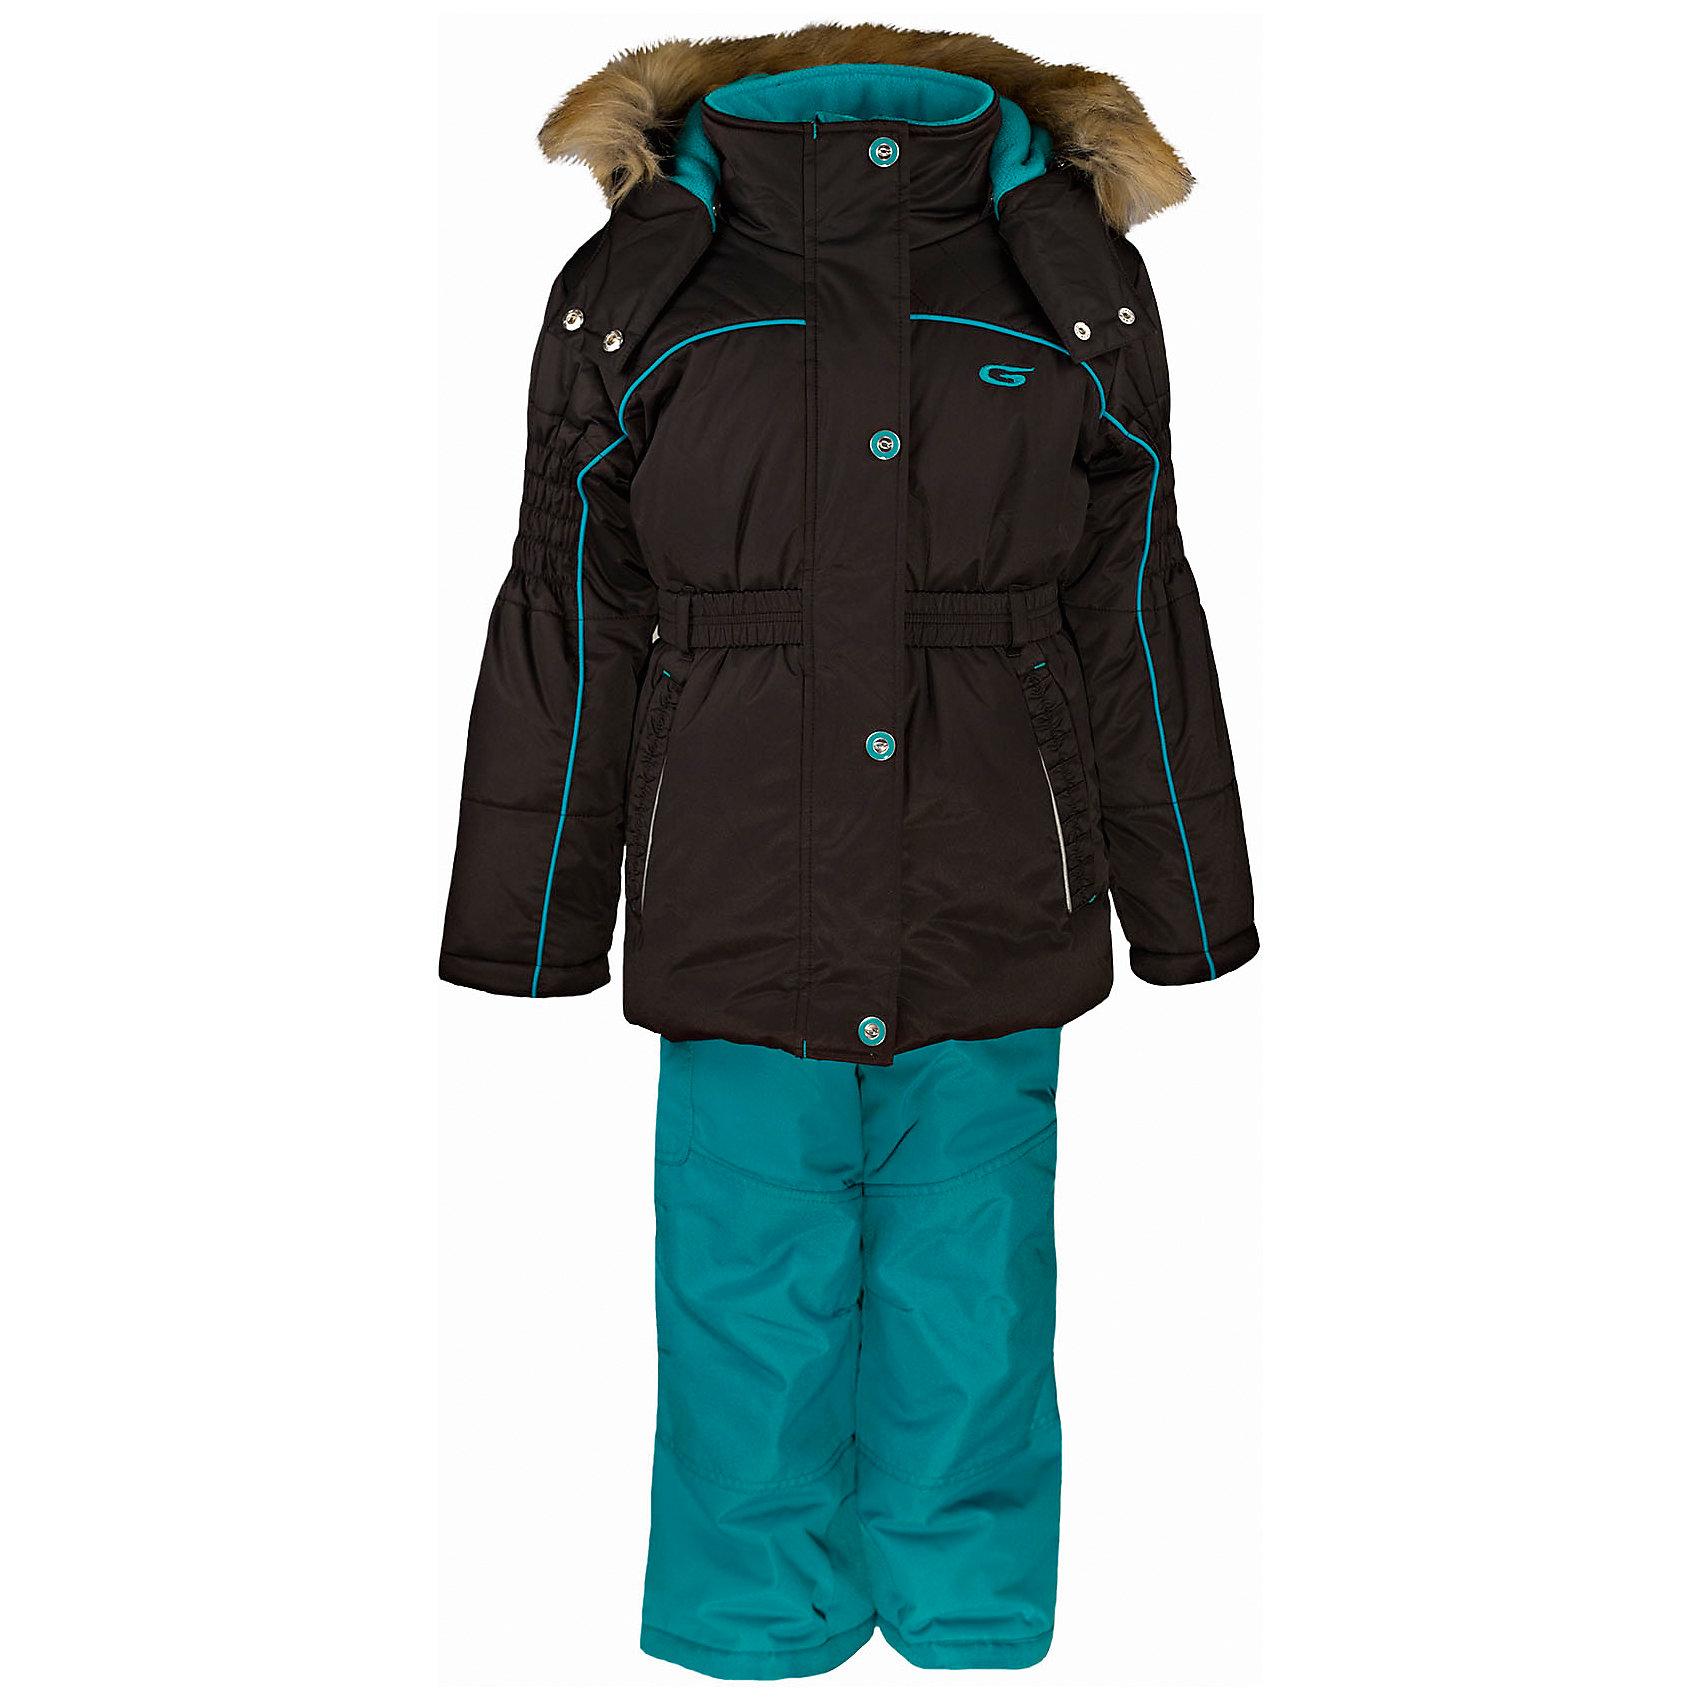 Комплект: куртка и полукомбинезон GUSTIКомплект: куртка и полукомбинезон GUSTI (ГУСТИ) – это идеальный вариант для суровой зимы с сильными морозами.<br><br>Температурный режим: до -30  градусов. Степень утепления – высокая. <br><br>* Температурный режим указан приблизительно — необходимо, прежде всего, ориентироваться на ощущения ребенка. Температурный режим работает в случае соблюдения правила многослойности – использования флисовой поддевы и термобелья.<br><br>Комплект от GUSTI (ГУСТИ) состоит из куртки и полукомбинезона, выполненных из плотного непромокаемого материала с защитной от влаги мембраной 5000 мм. Тань хорошо сохраняет тепло, отталкивает влагу и позволяет коже ребенка дышать. Утеплитель из тек-полифилла и флисовая внутренняя отделка на груди и на спинке дают возможность использовать комплект при очень низких температурах. Куртка застегивается на молнию с ветрозащитной планкой, имеет два боковых кармана на застежках-молниях, эластичный пояс, снегозащитную юбку, трикотажные манжеты в рукавах, высокий ворот с защитой подбородка, отстёгивающийся прилегающий капюшон с флисовой подкладкой и оторочкой из искусственного меха. Полукомбинезон застегивается на молнию, имеет накладной карман с клапаном на липучке, регулируемые лямки, снегозащитные гетры. Длина брючин регулируется (отворот с креплением на липе). Сзади, на коленях, и по низу брючин имеется дополнительный слой ткани Cordura Oxford (сверхстойкий полиэстер). До размера 6х (120 см) у полукомбинезона высокая грудка, в размерах 7 (122 см) - 14 (164см) отстегивающаяся спинка, грудки нет.<br><br>Дополнительная информация:<br><br>- Сезон: зима<br>- Пол: девочка<br>- Цвет: бирюзовый, черный<br>- Узор: однотонный<br>- Температурный режим до -30 градусов<br>- Материал верха: куртка - shuss 5000мм (100% полиэстер); брюки - taslan 5000мм, накладки Cordura Oxford сзади, на коленях, и по низу брючин<br>- Наполнитель: куртка - тек-полифилл плотностью 283 гр/м (10 унций) 100% полиэстер; брюки - тек-полифилл плотностью